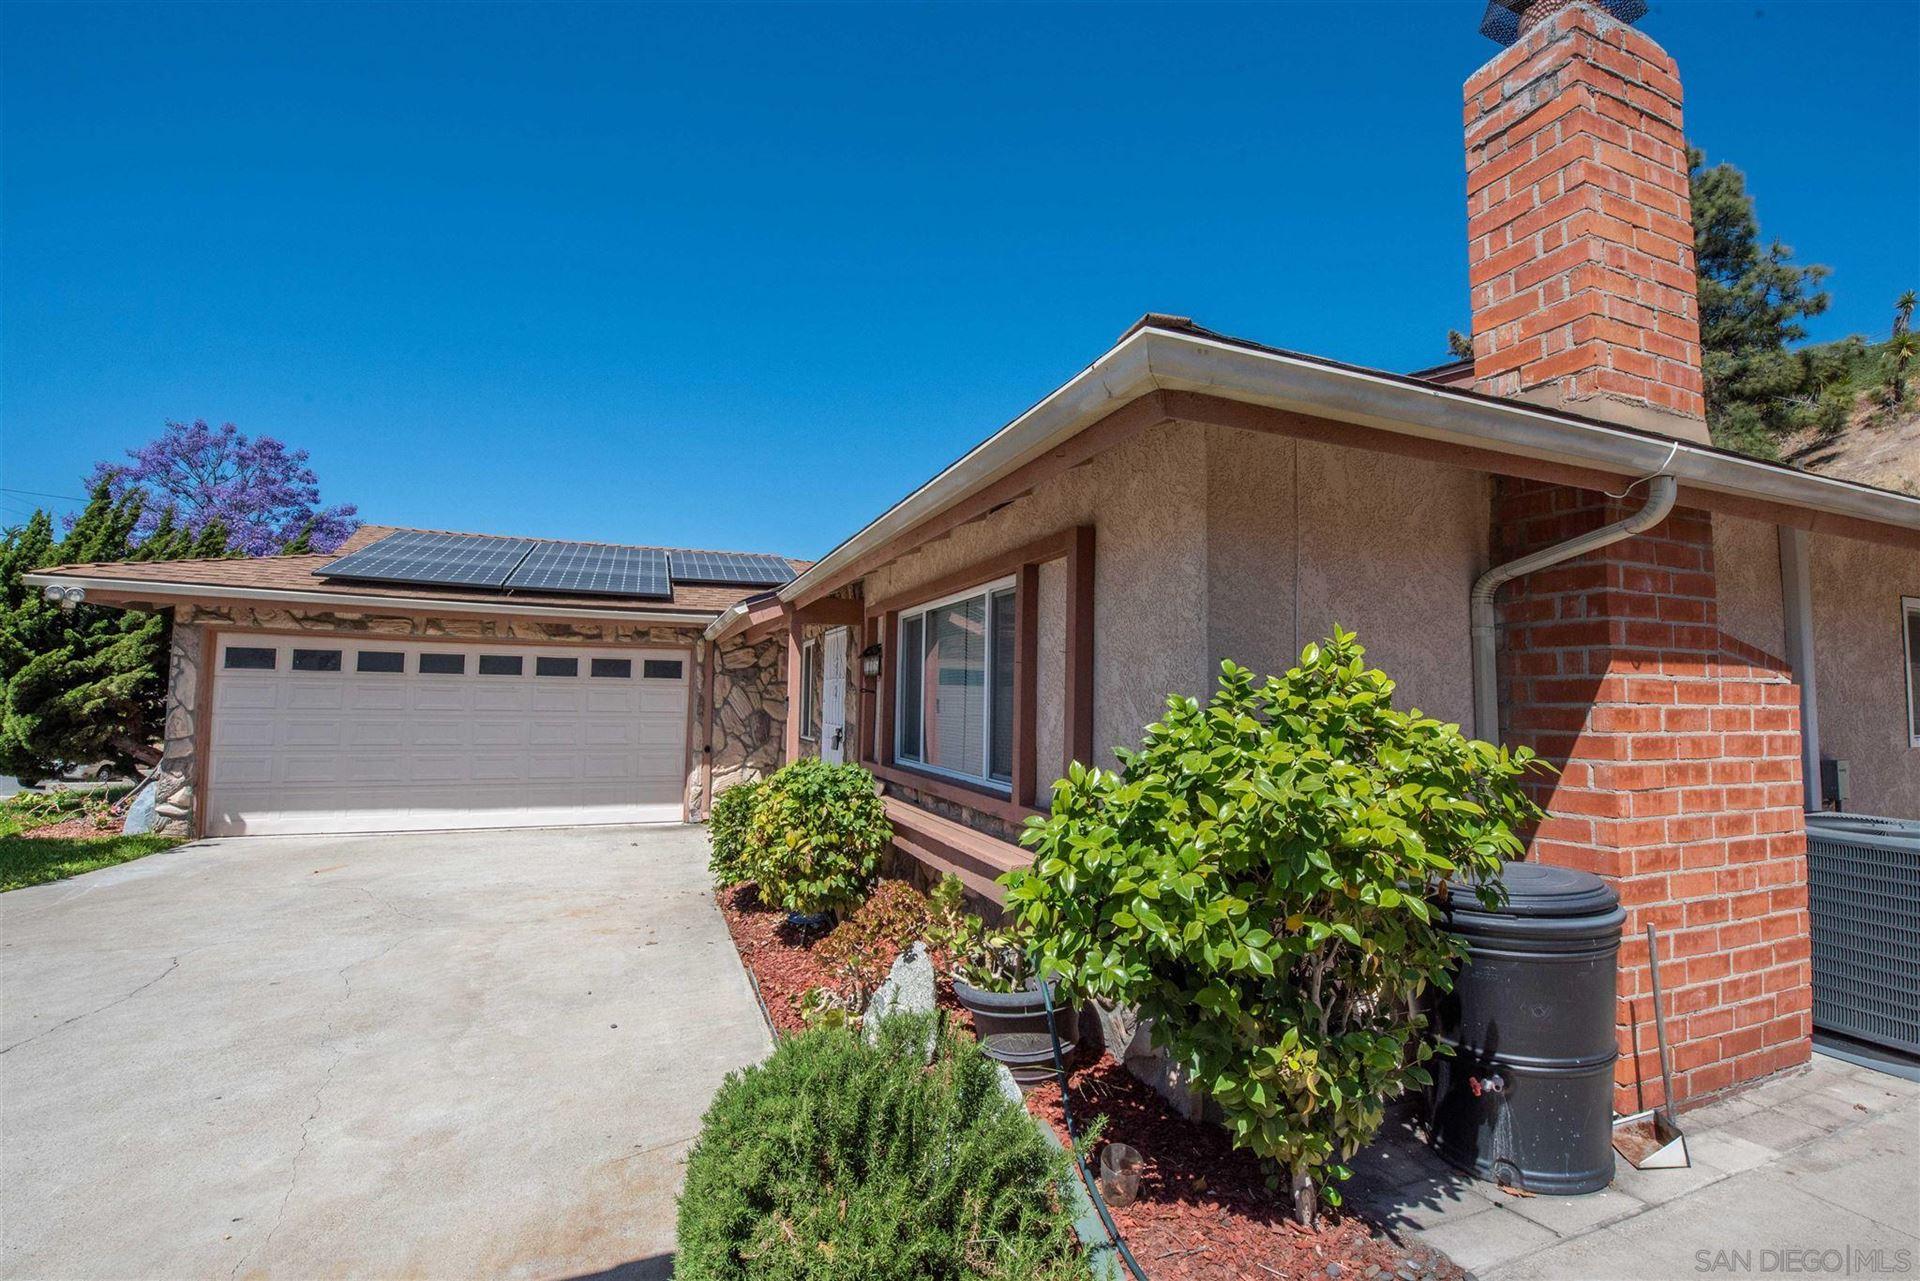 Photo of 1615 Angelus, Lemon Grove, CA 91945 (MLS # 210015755)